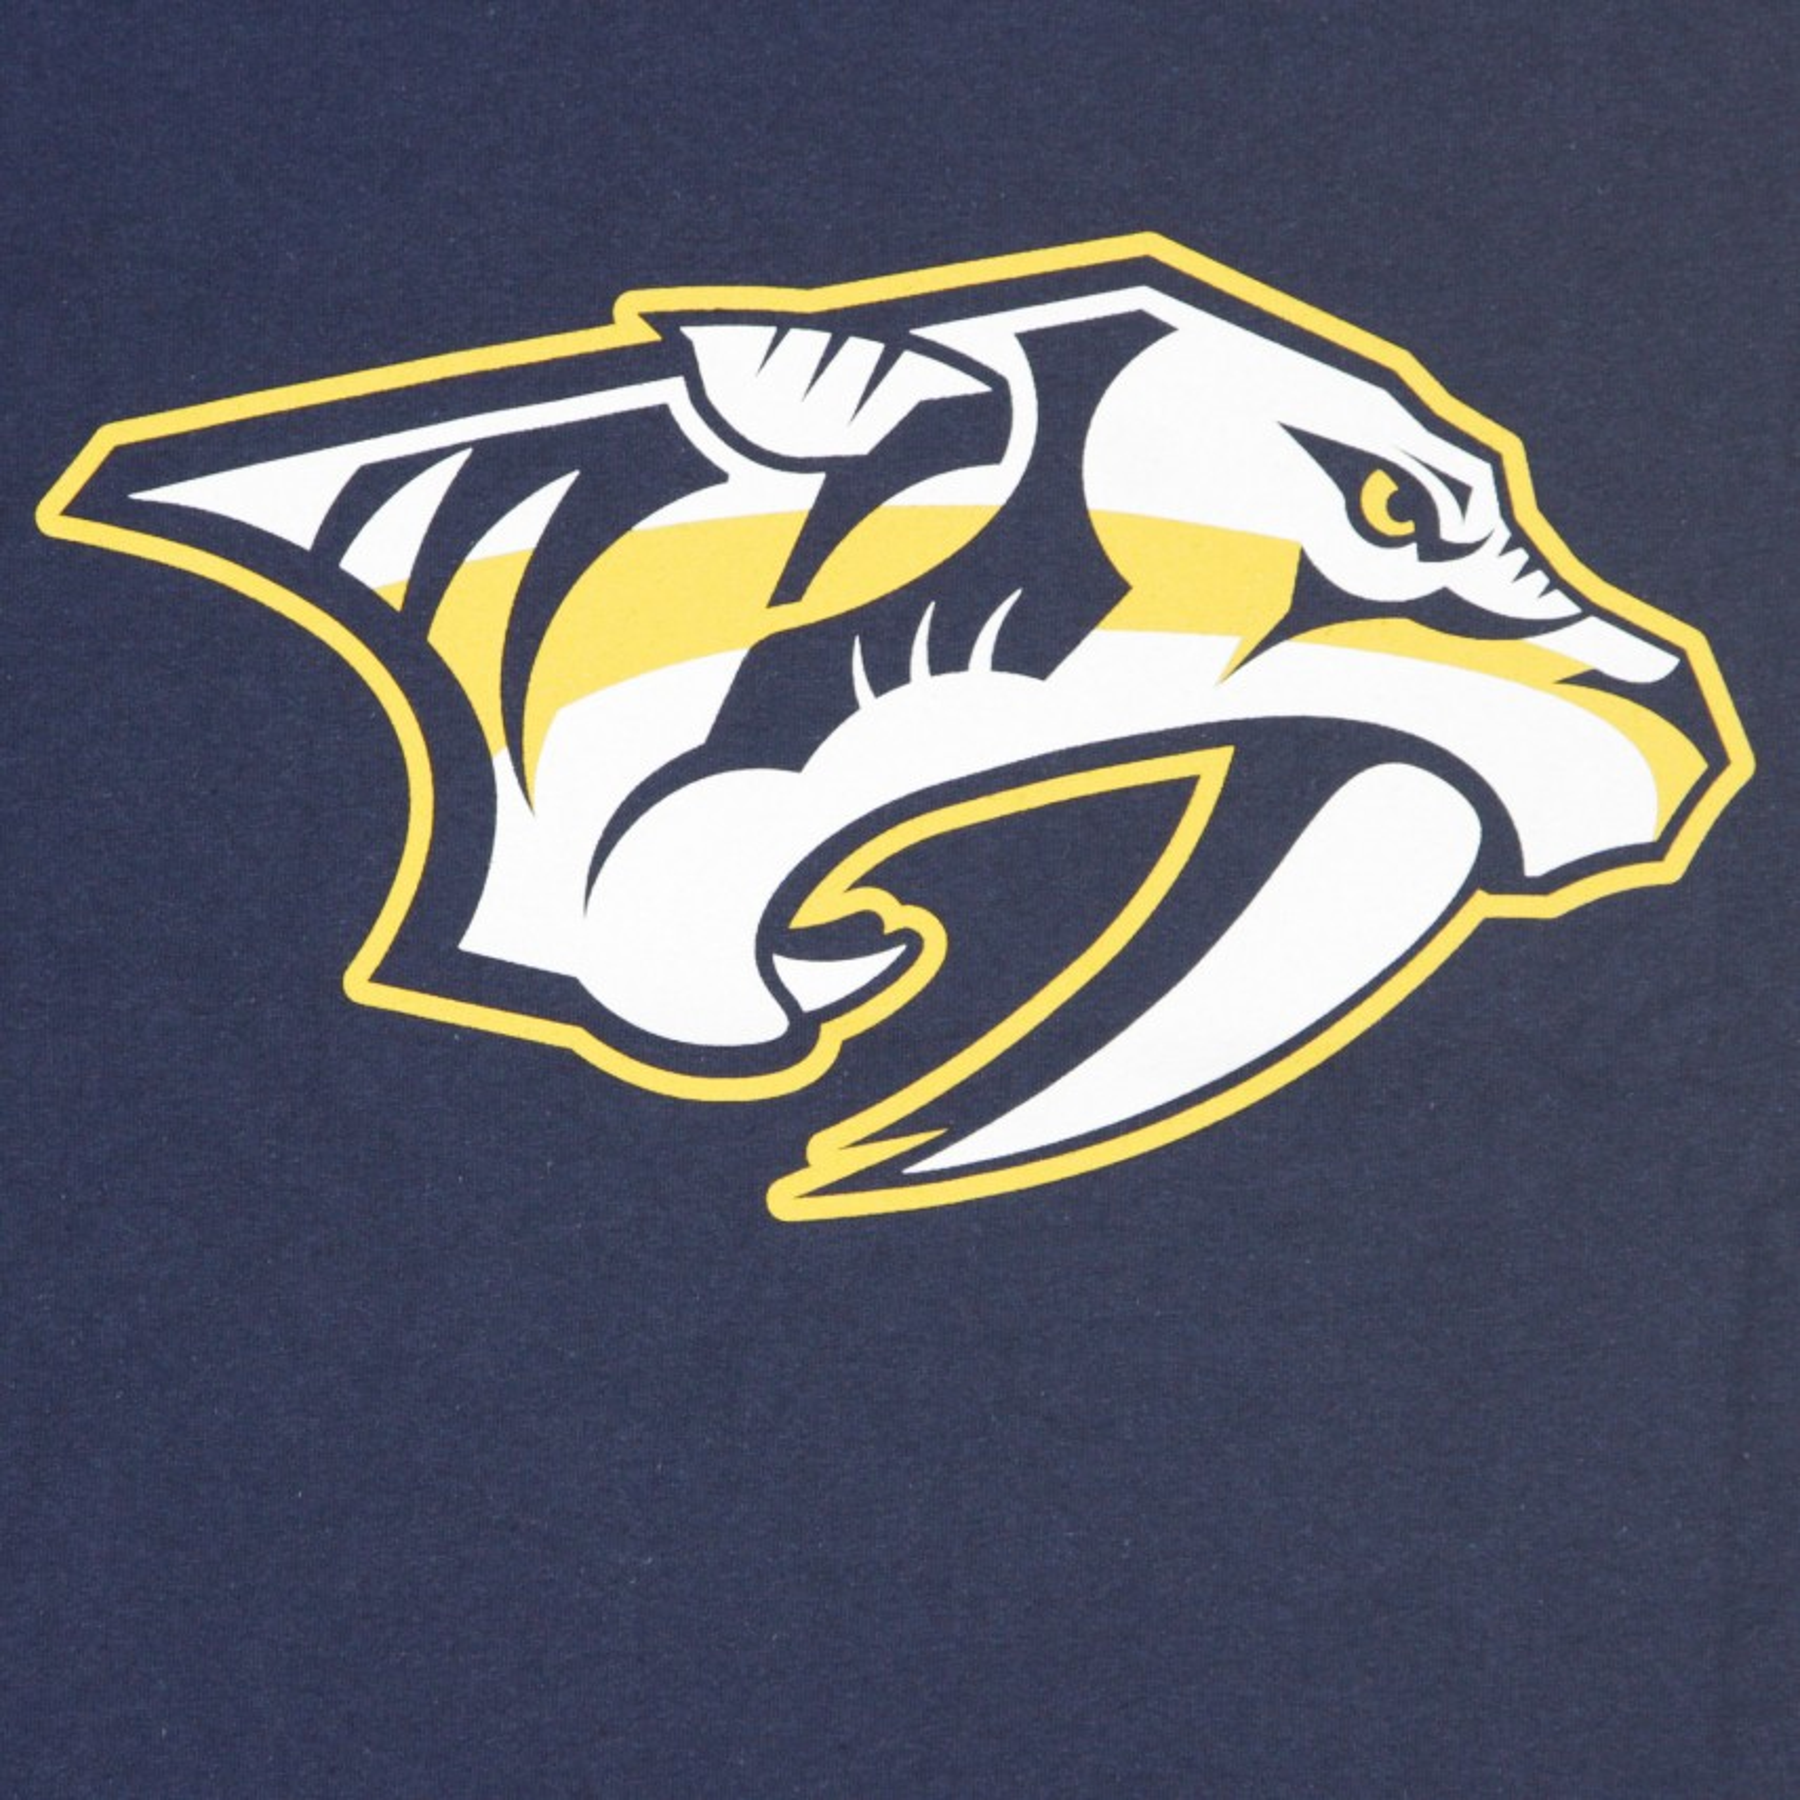 MAGLIETTA NHL ICONIC PRIMARY COLOUR LOGO GRAPHIC T-SHIRT NASPRE Array